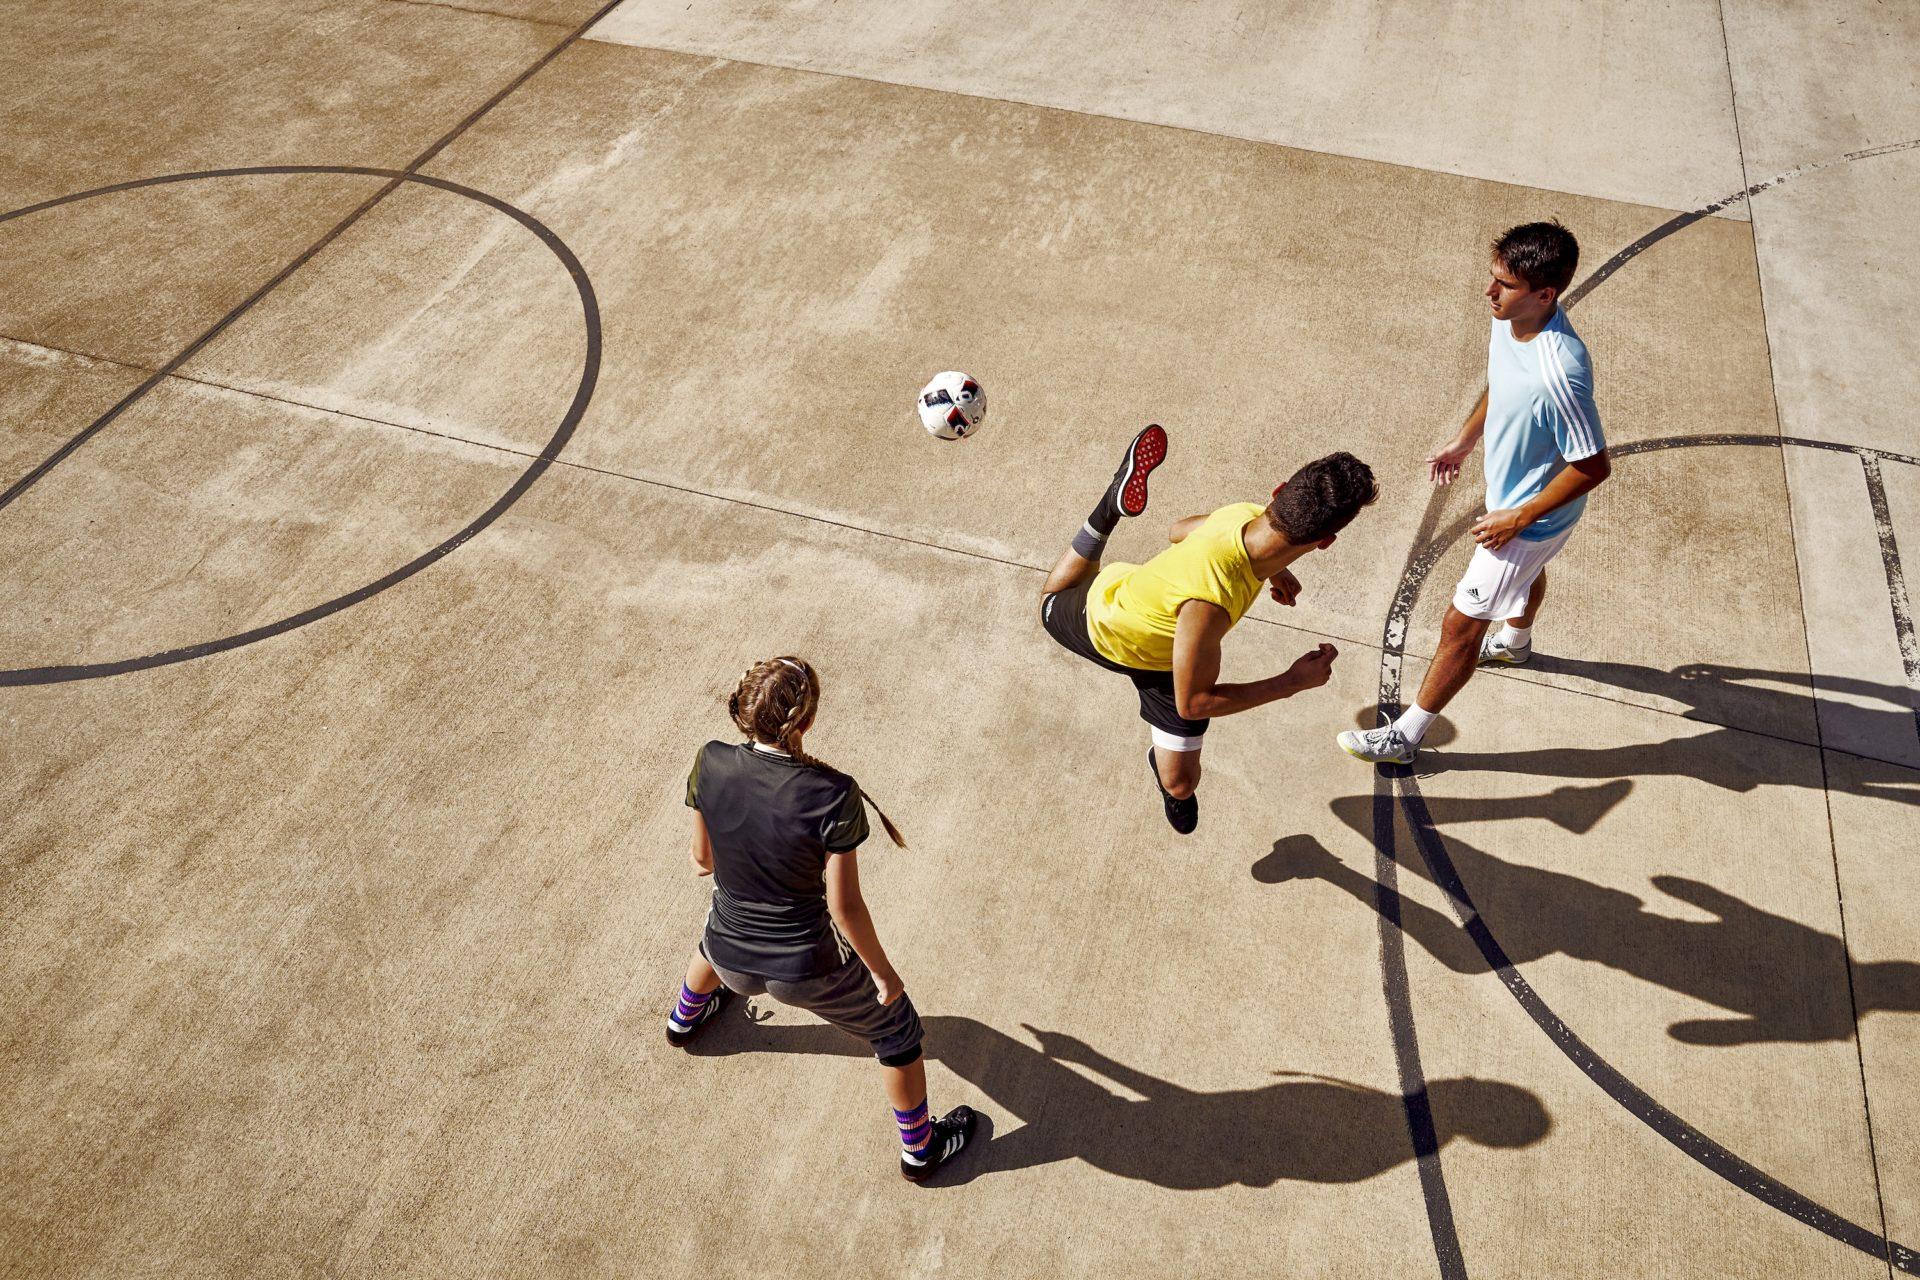 Adidas Look Book shot by River Jordan